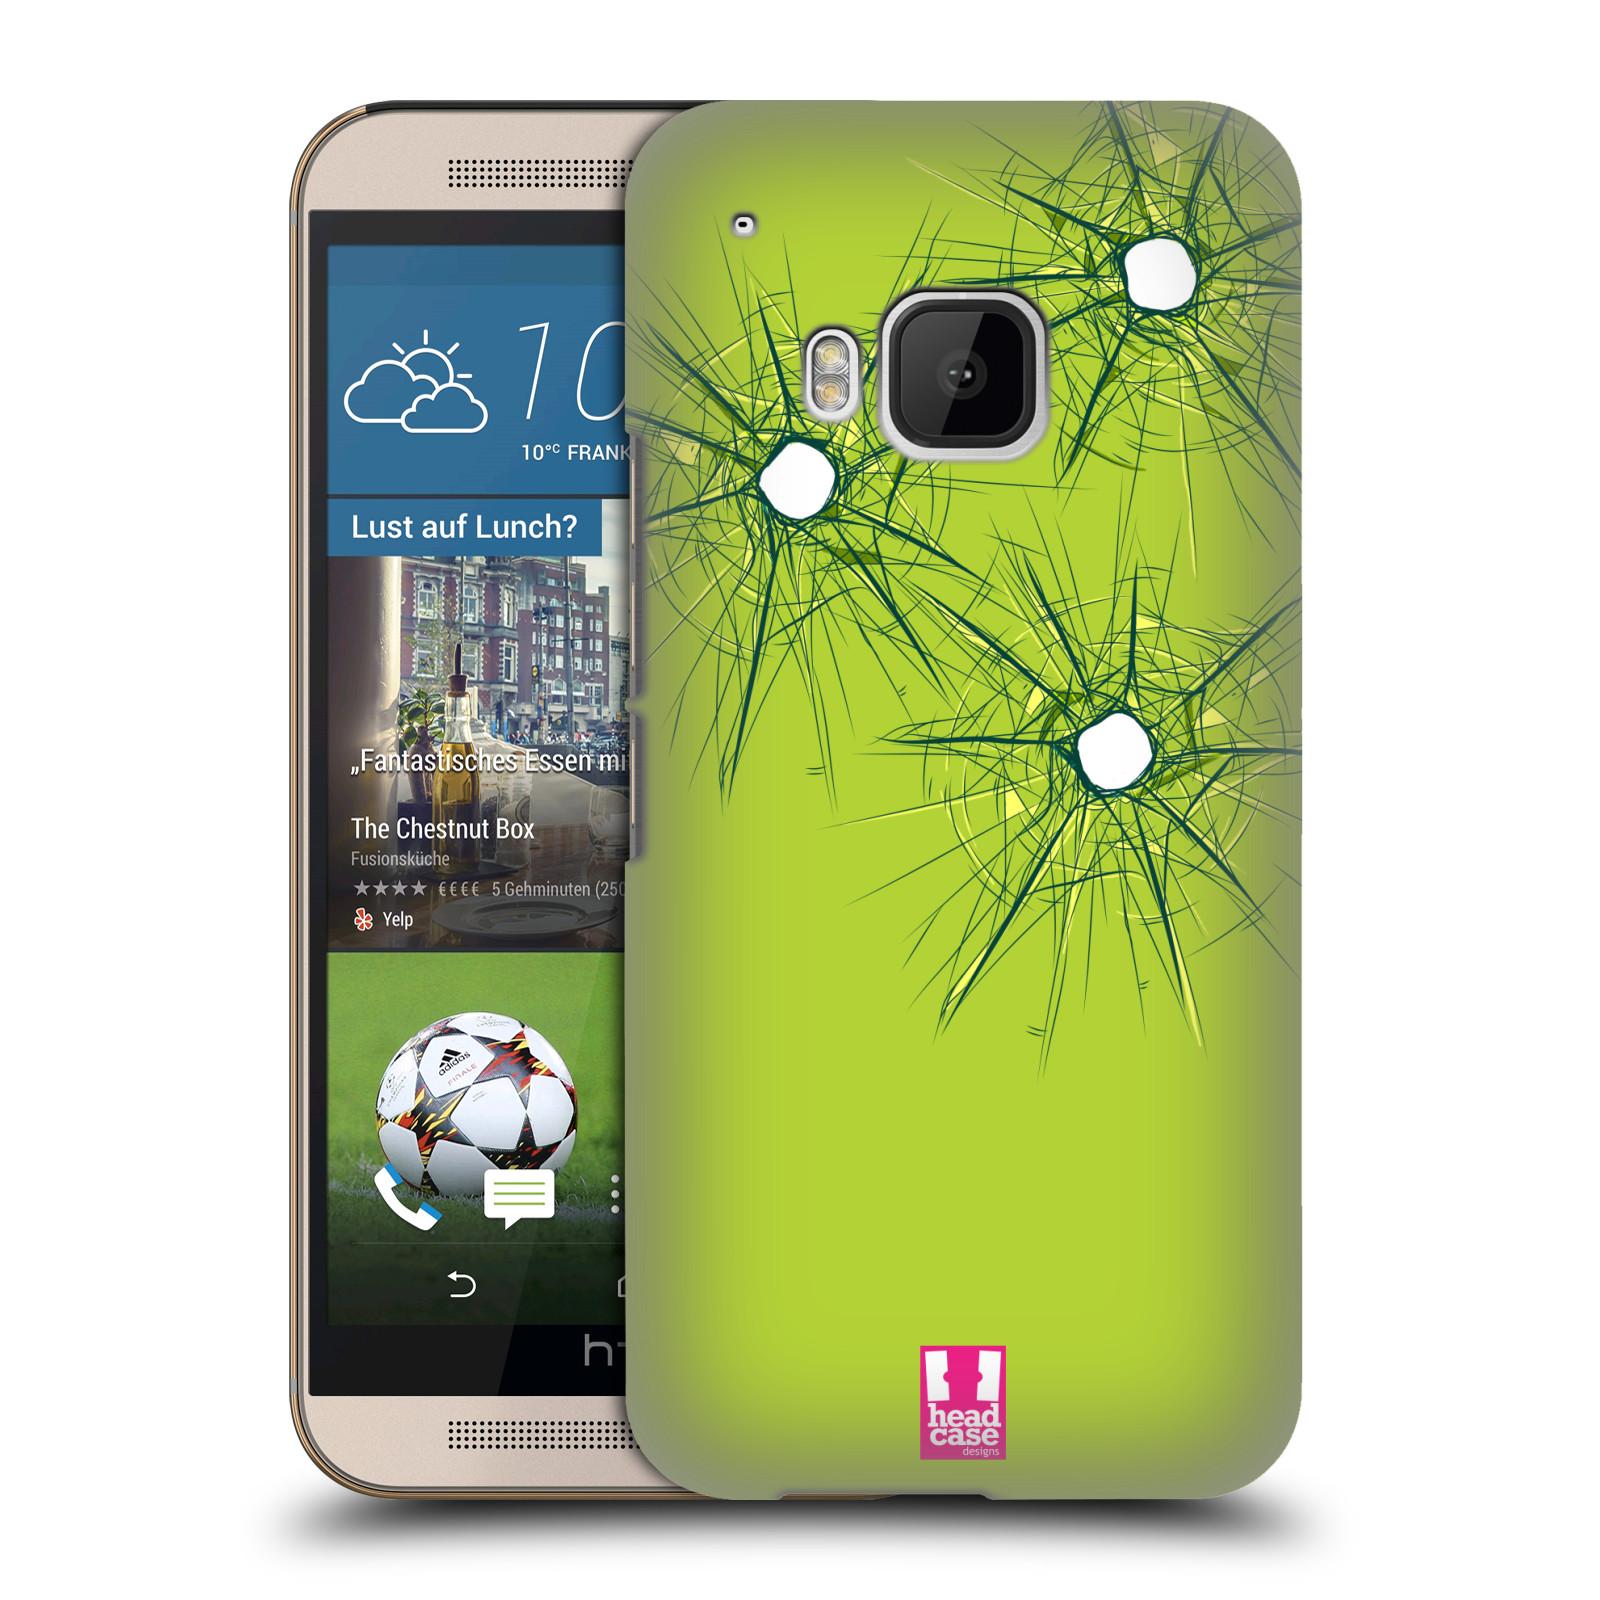 HEAD-CASE-DESIGNS-ZERBROCHEN-RUCKSEITE-HULLE-FUR-HTC-HANDYS-1